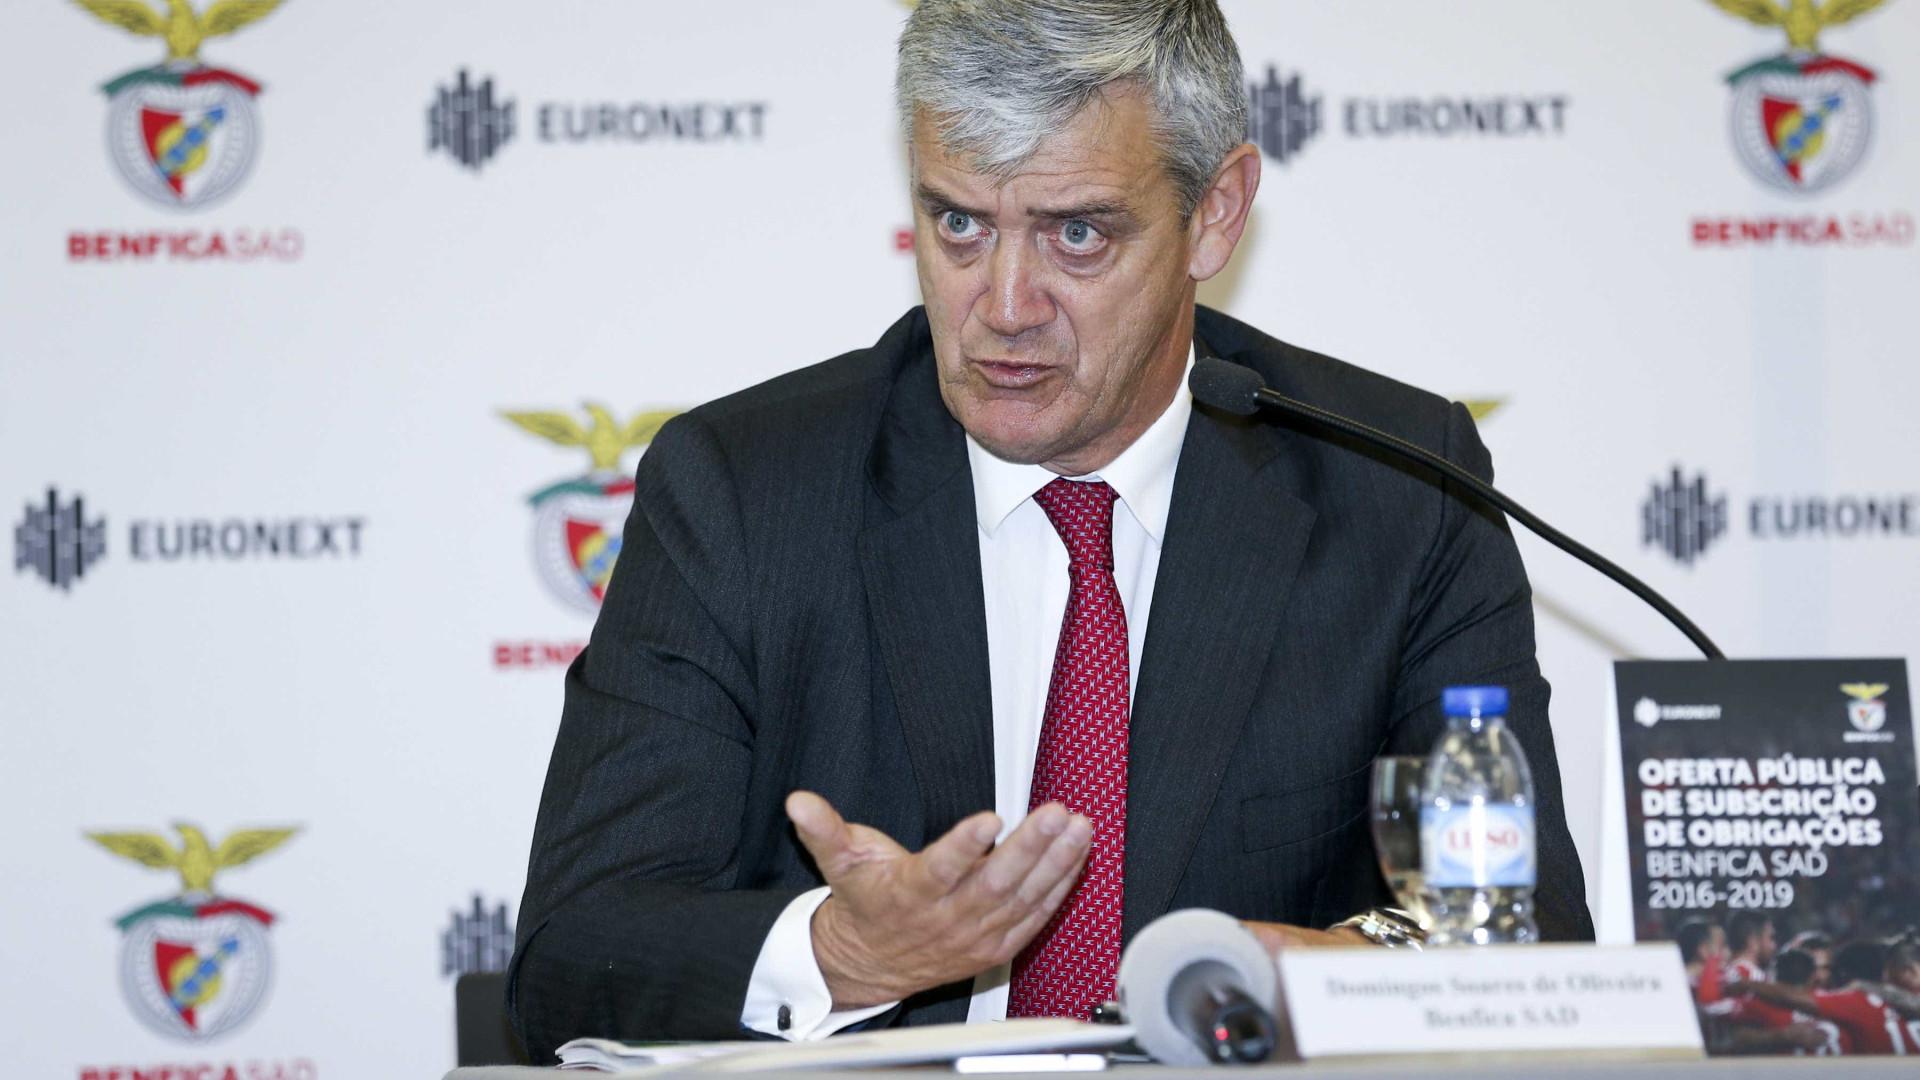 Benfica encaixa 45 milhões euros em mais um empréstimo obrigacionista